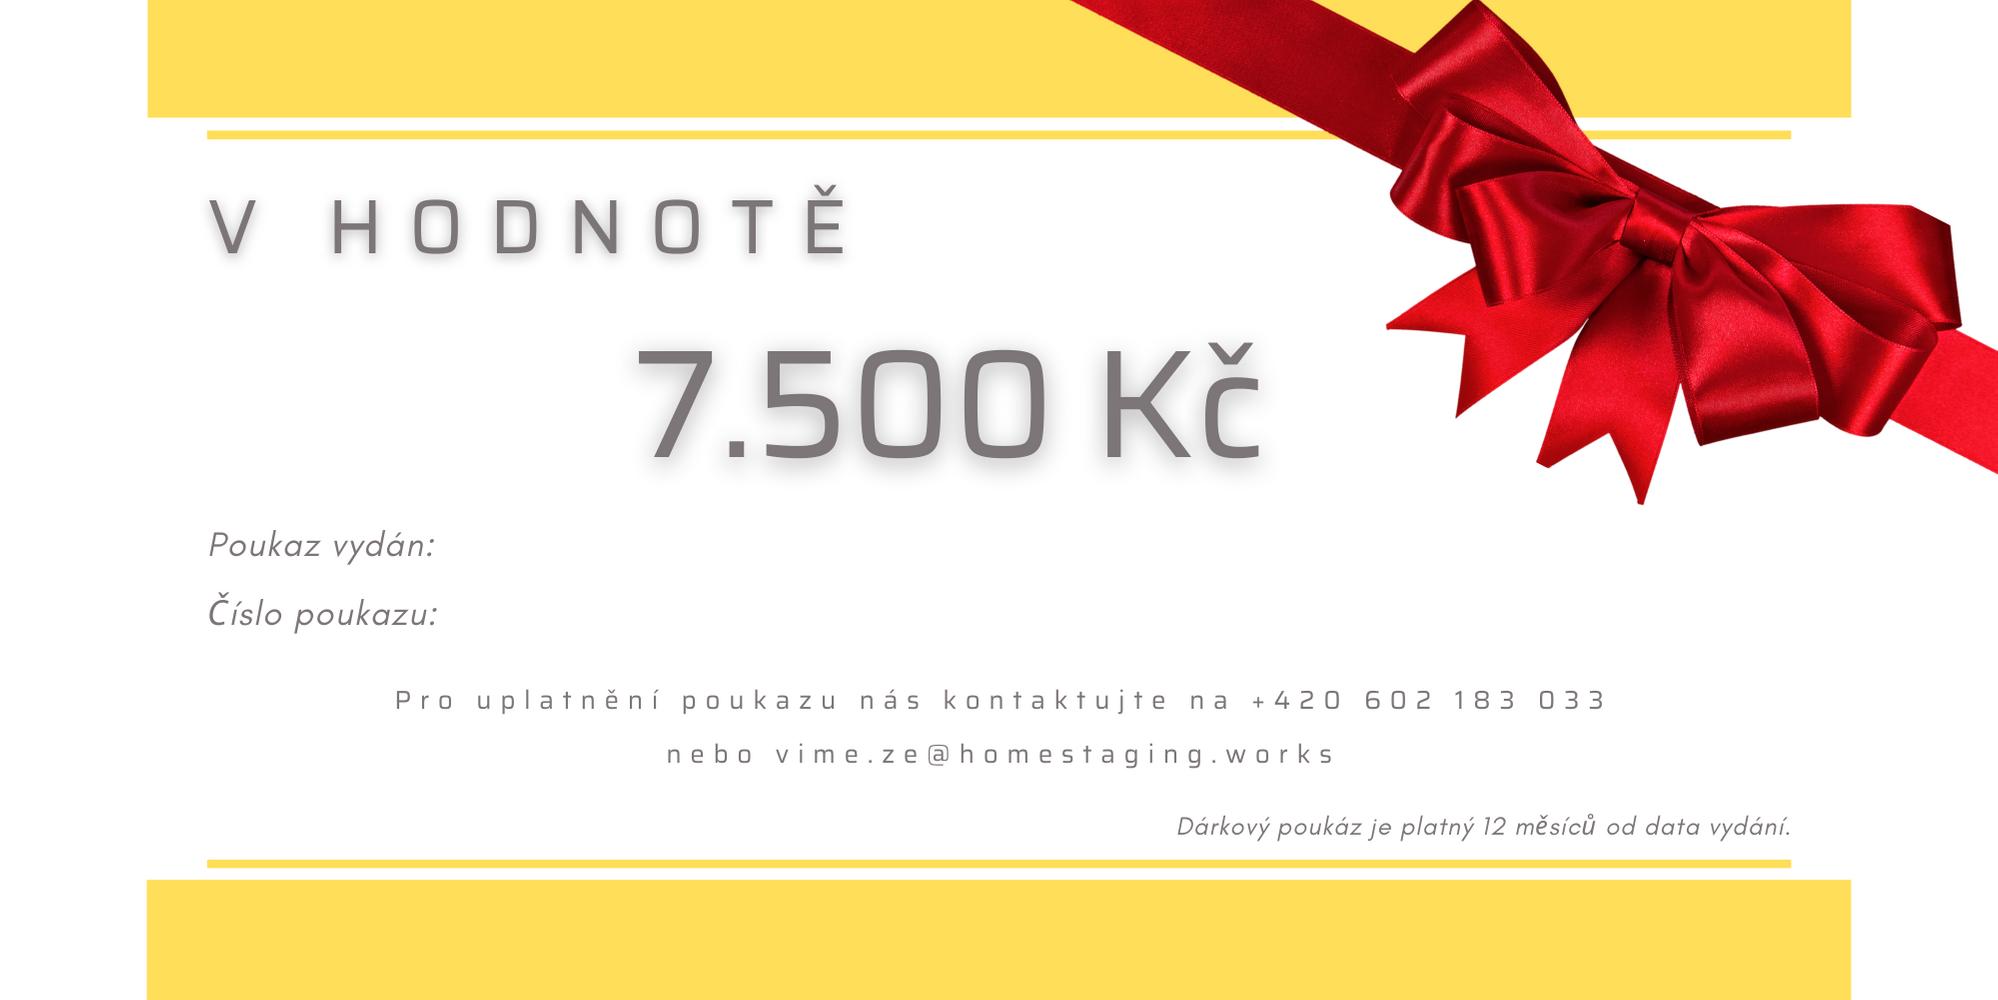 Dárkový poukaz 7.500 Kč